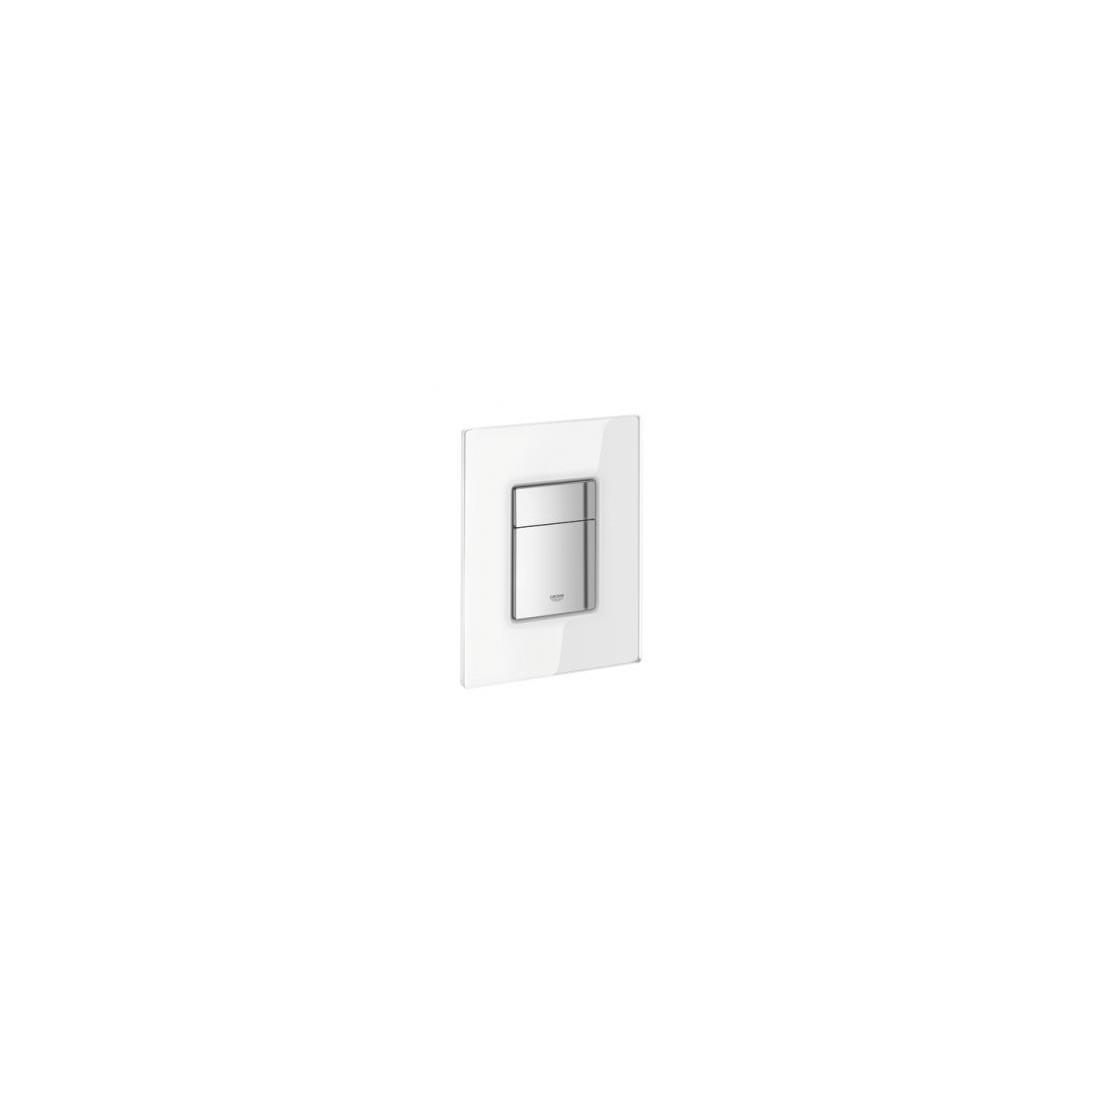 WC klavišas GROHE Skate Cosmopolitan baltas stiklas/chromas